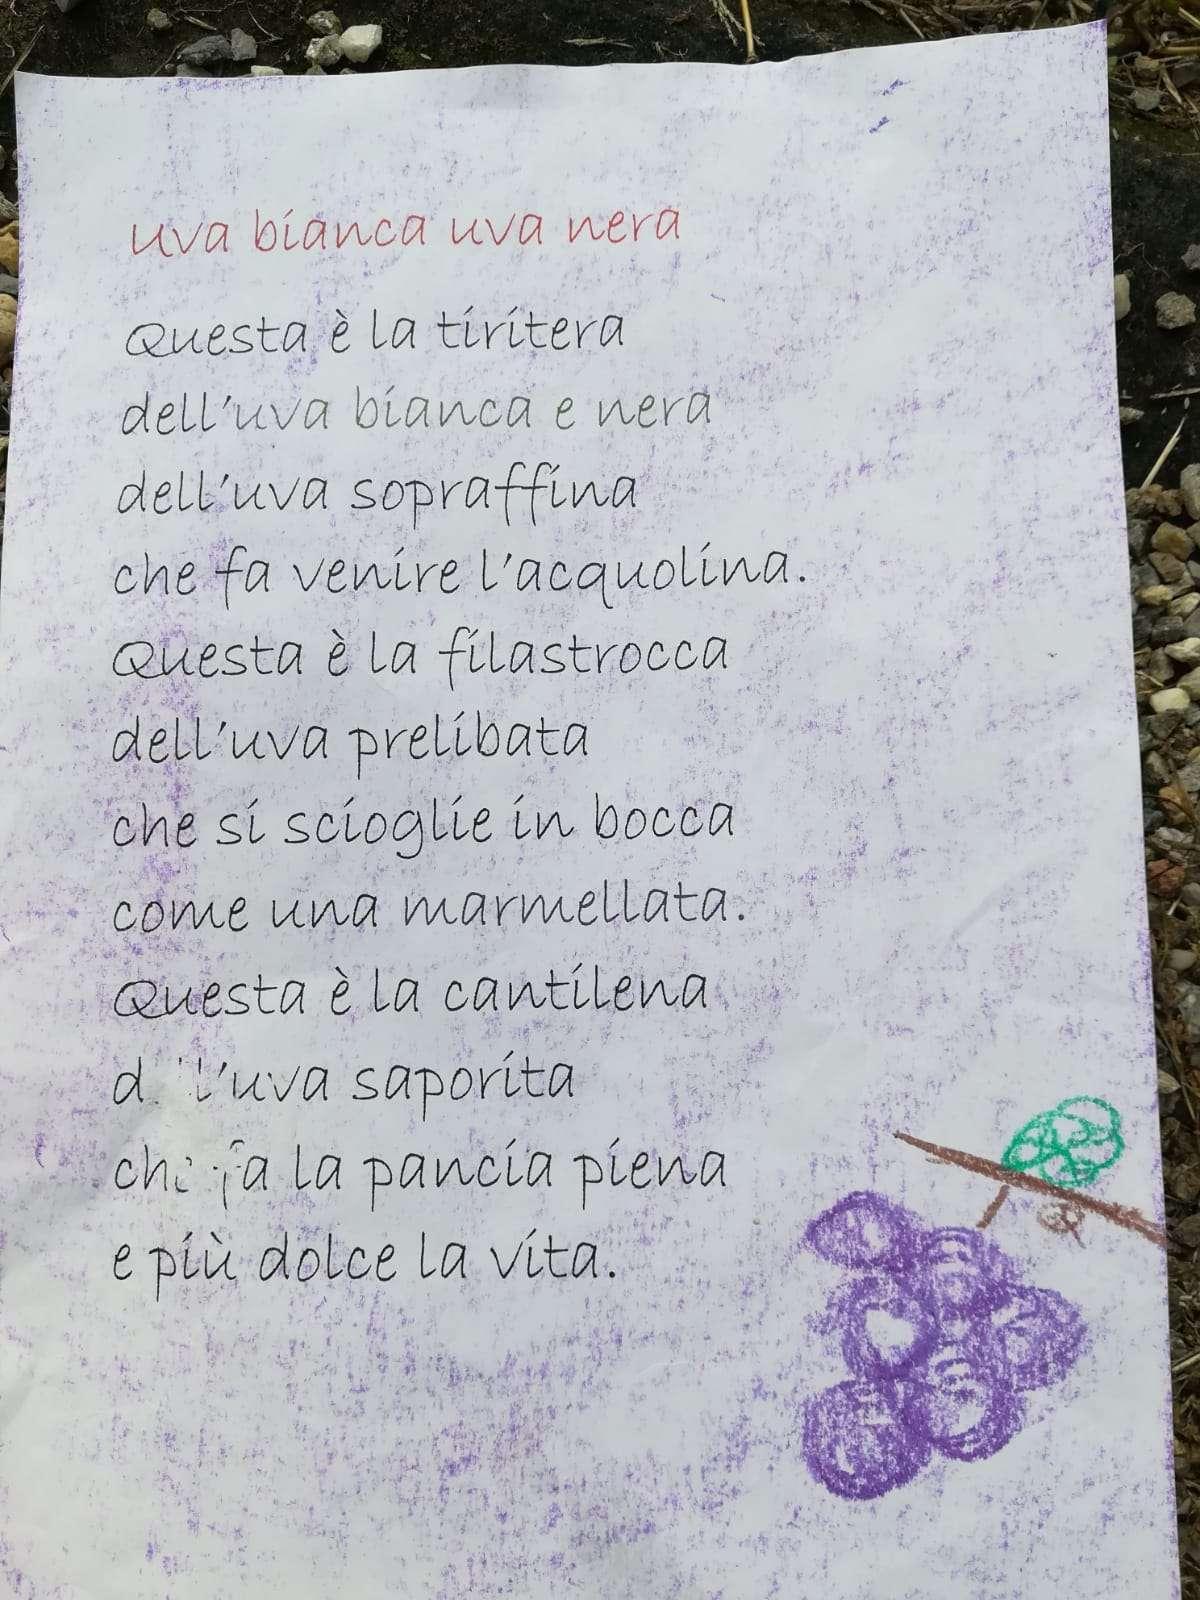 La vendemmia - Autunno 2018 - Scuola Materna Peschiera Borromeo